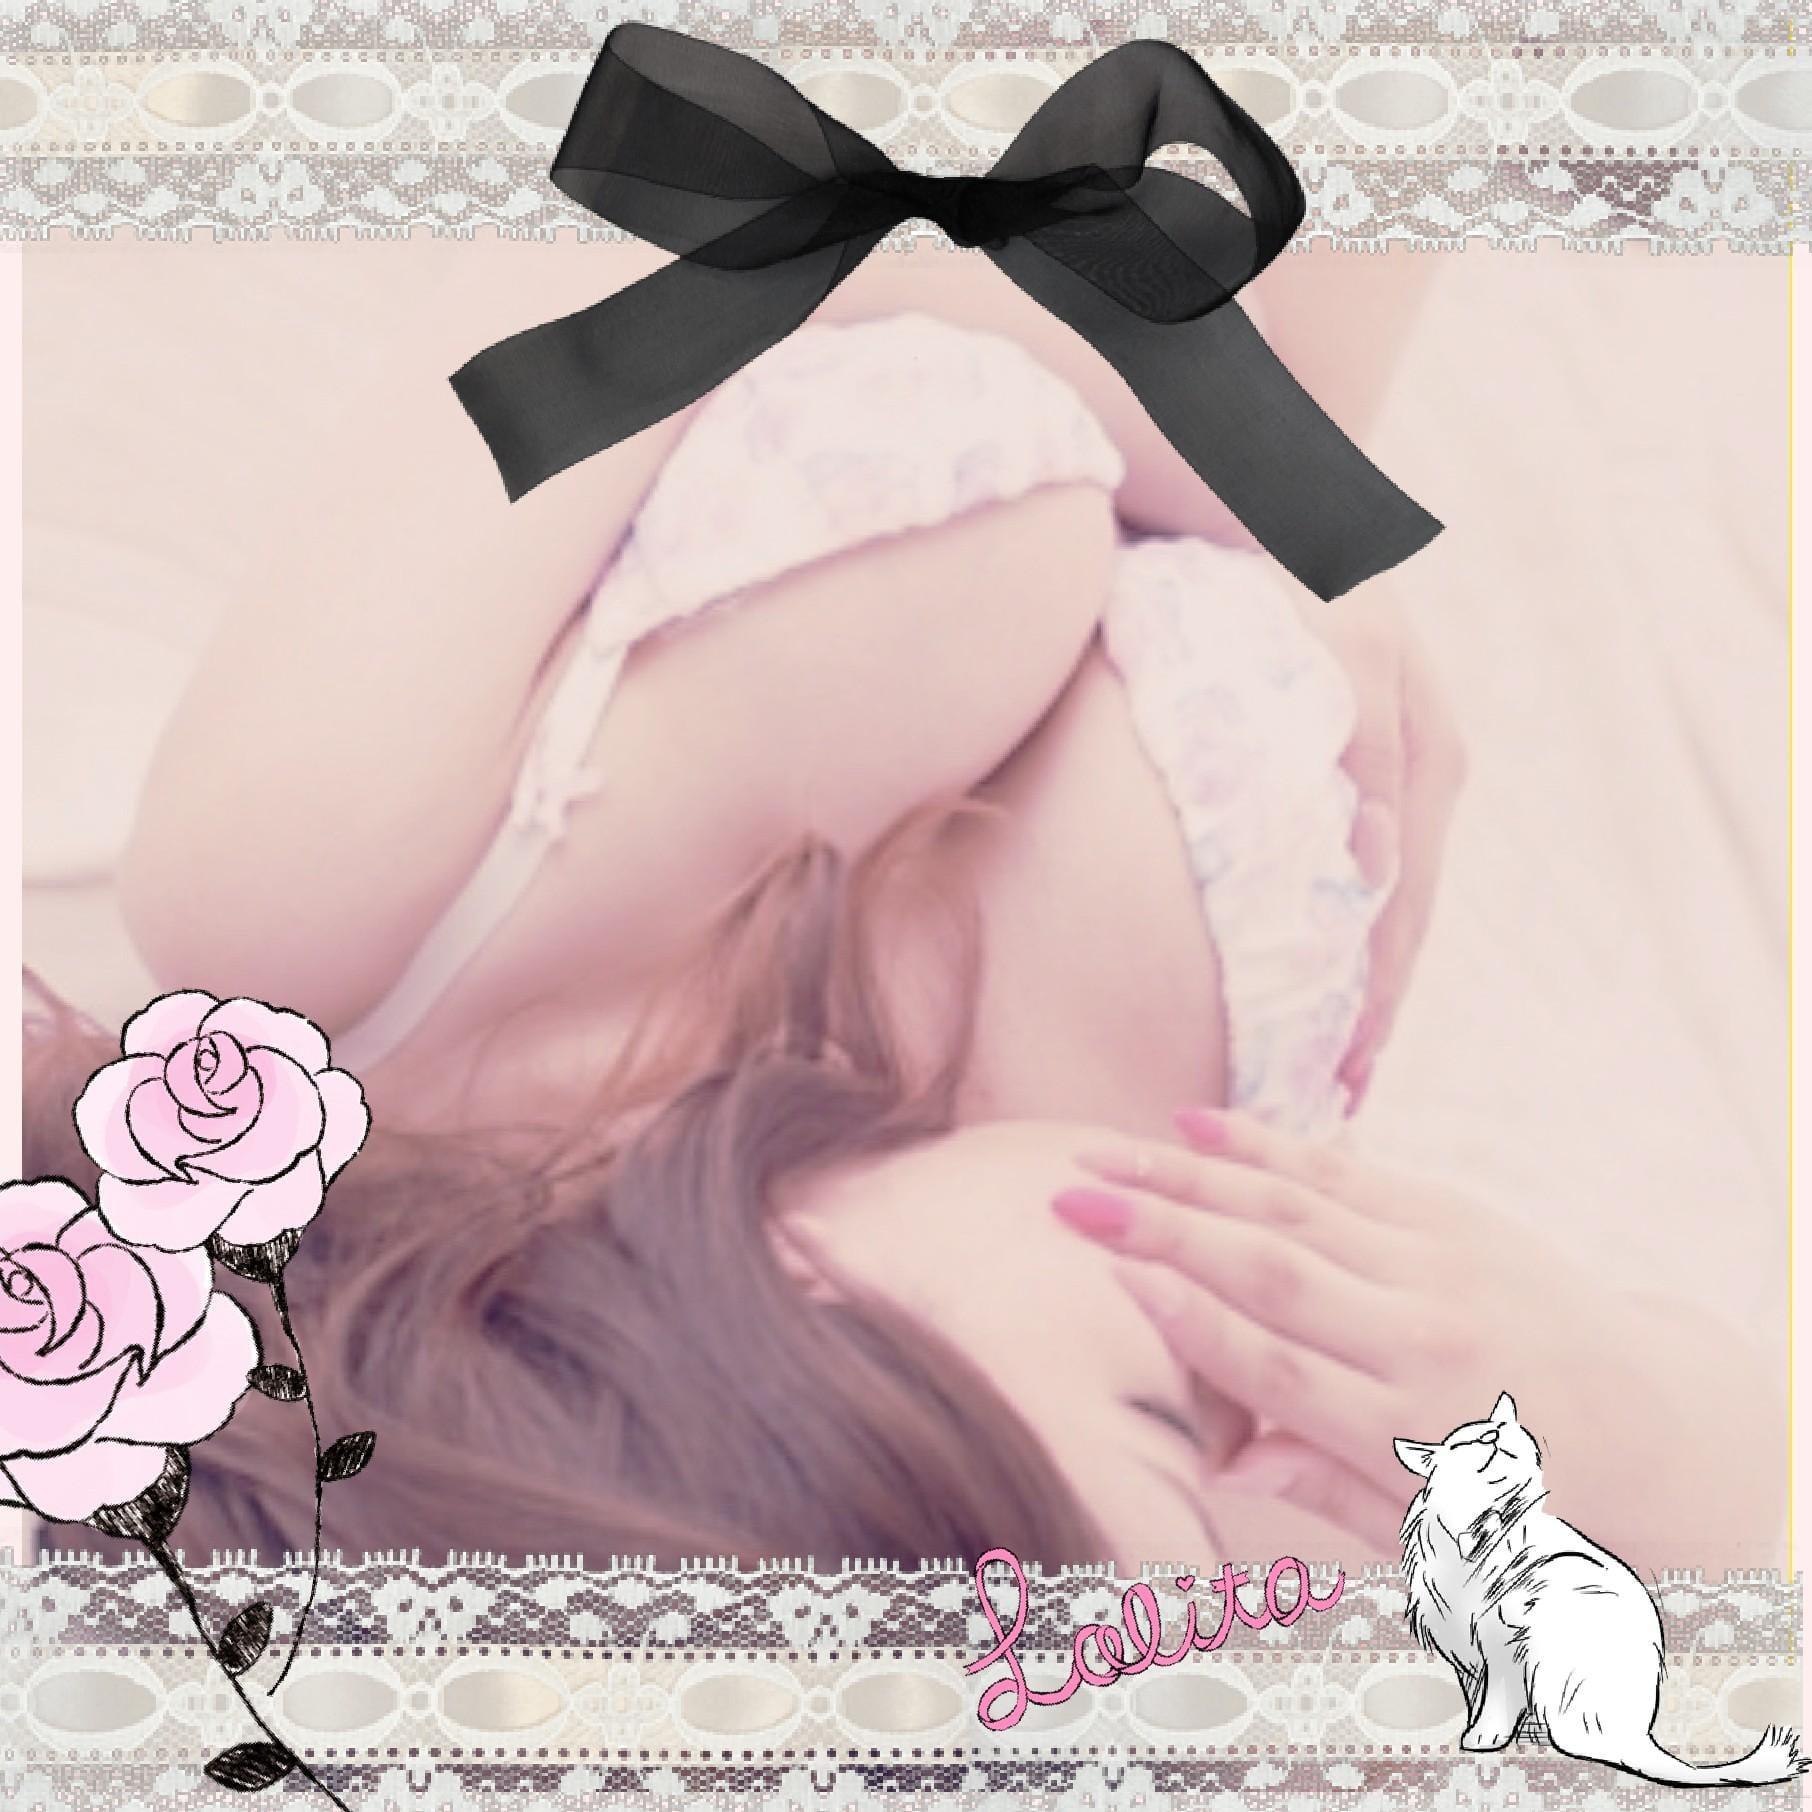 「おはようございますっ」12/07(金) 13:24 | つばさの写メ・風俗動画